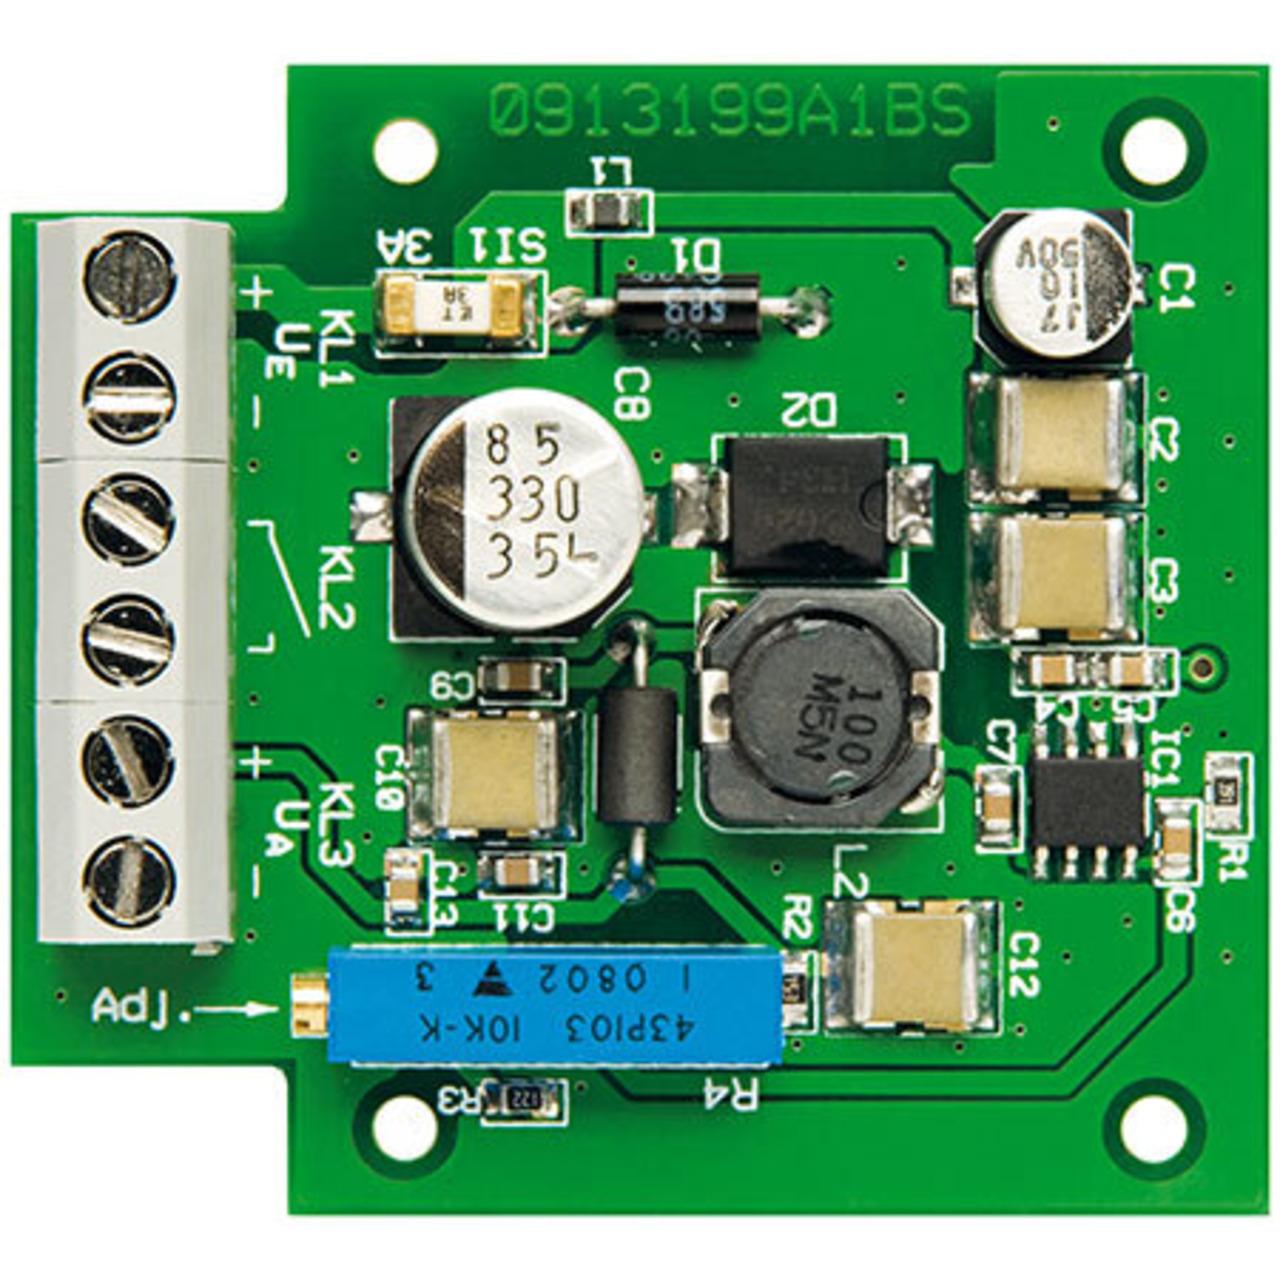 ELV Bausatz Step-down-Spannungswandler SDW 35- 2 A- ohne Gehäuse